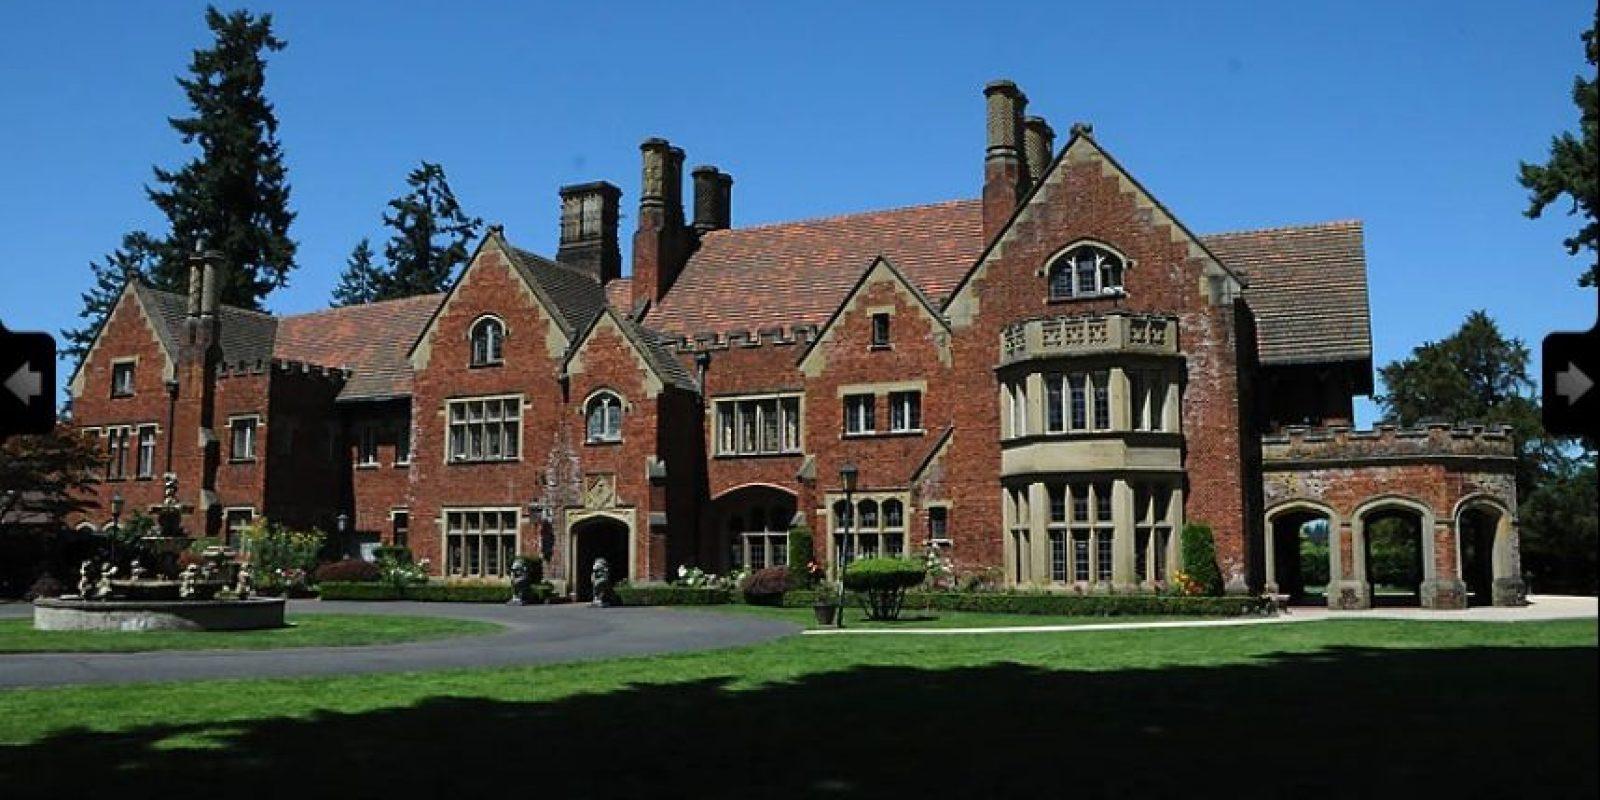 Las habitaciones para pasar las vacaciones tienen costo aproximado de 400 dólares la noche, dependiendo del servicio Foto:Thornewoodcastle.com